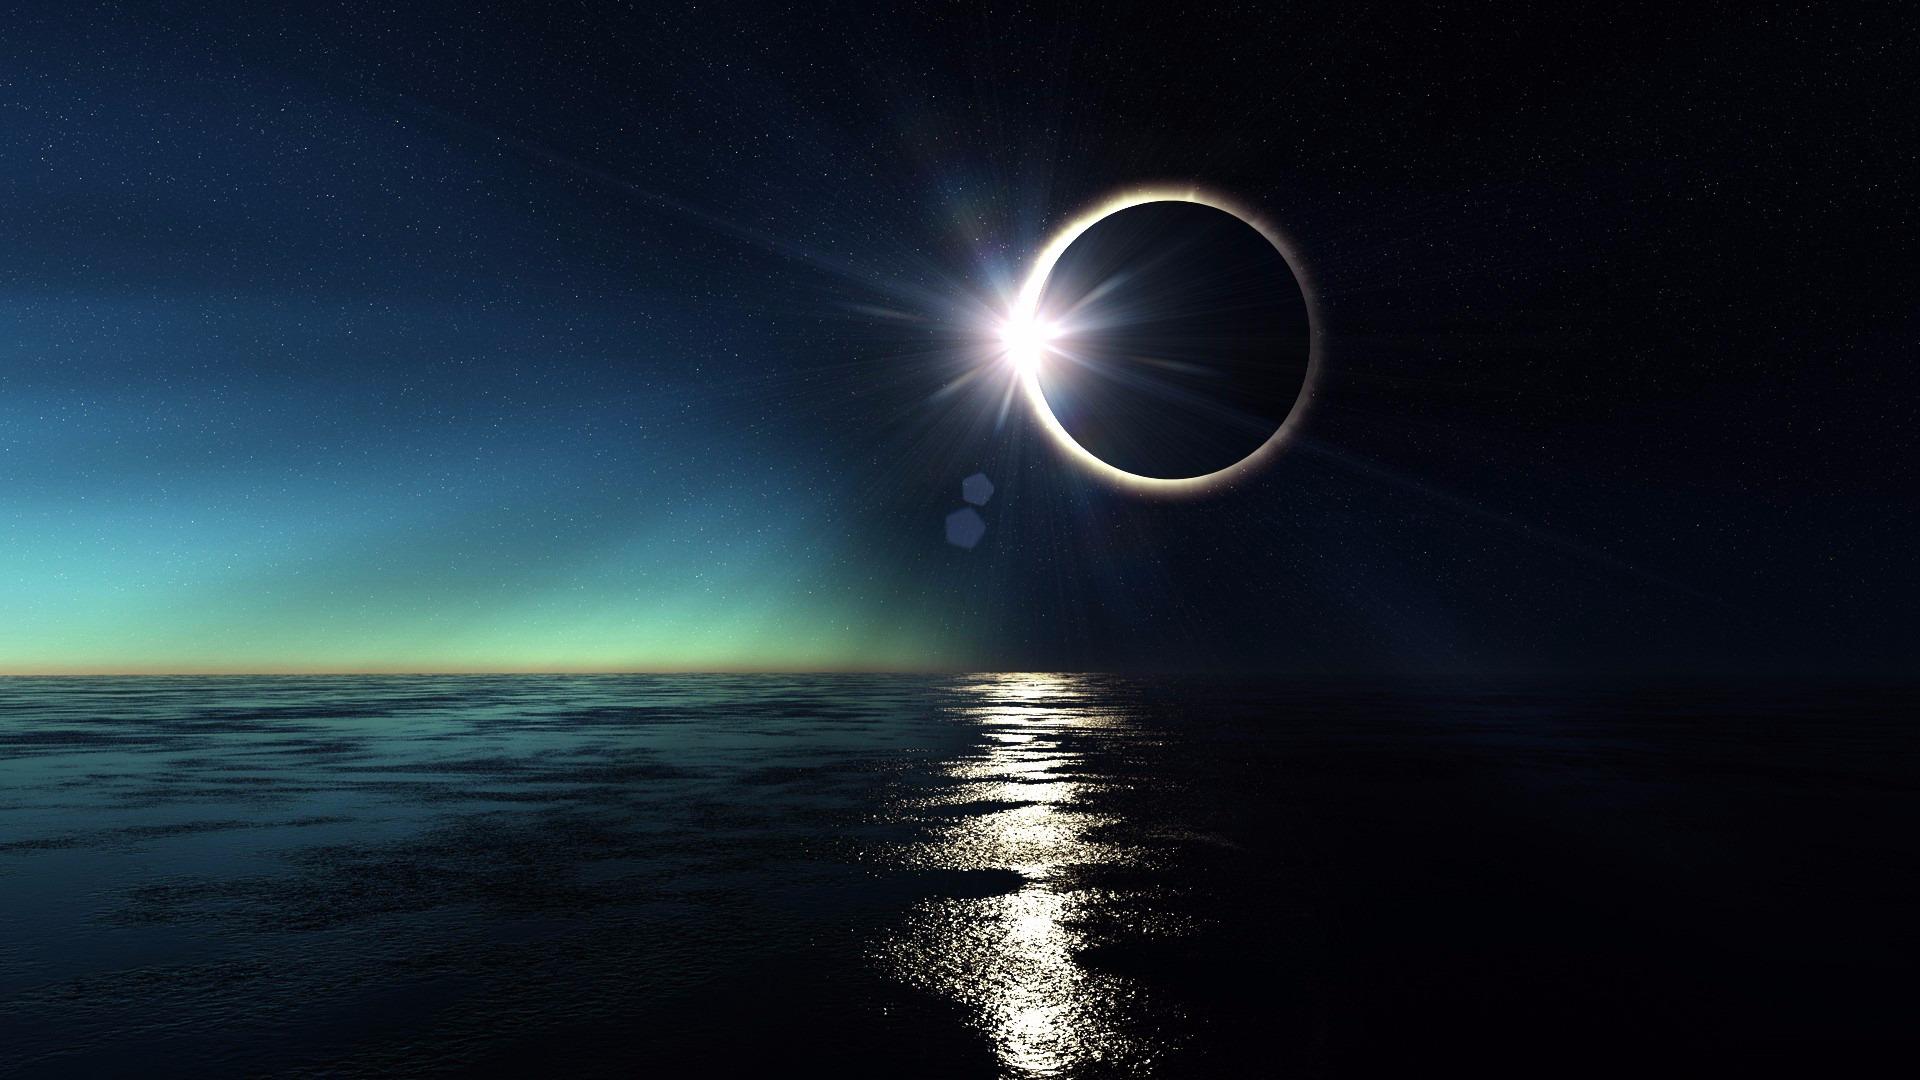 фотосессия разместите красивые картинки лунного затмения самых деликатных